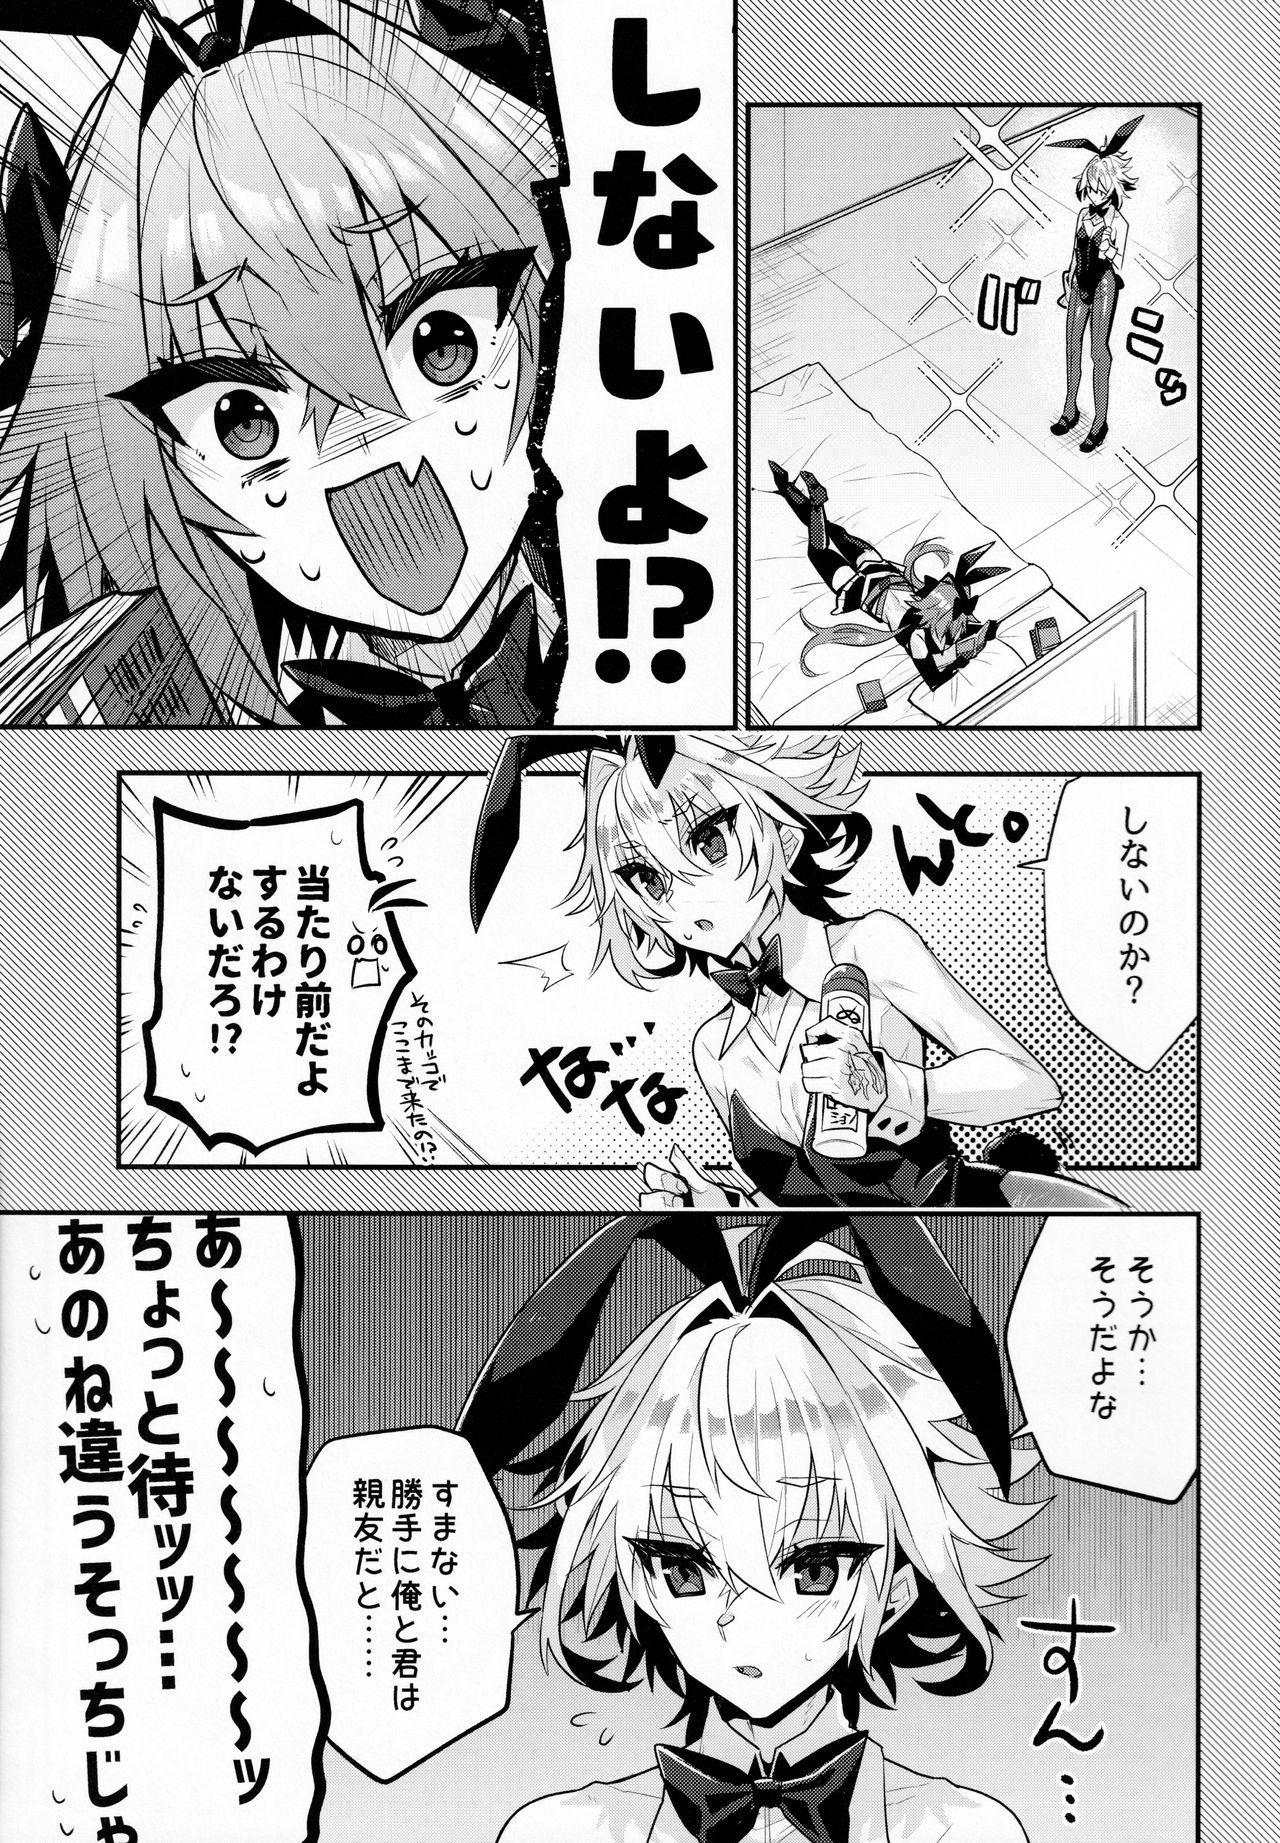 Nakanoii Shin'yuu wa Bunny Cosplay Kijou-i Koubi o Sururashii Zo 1